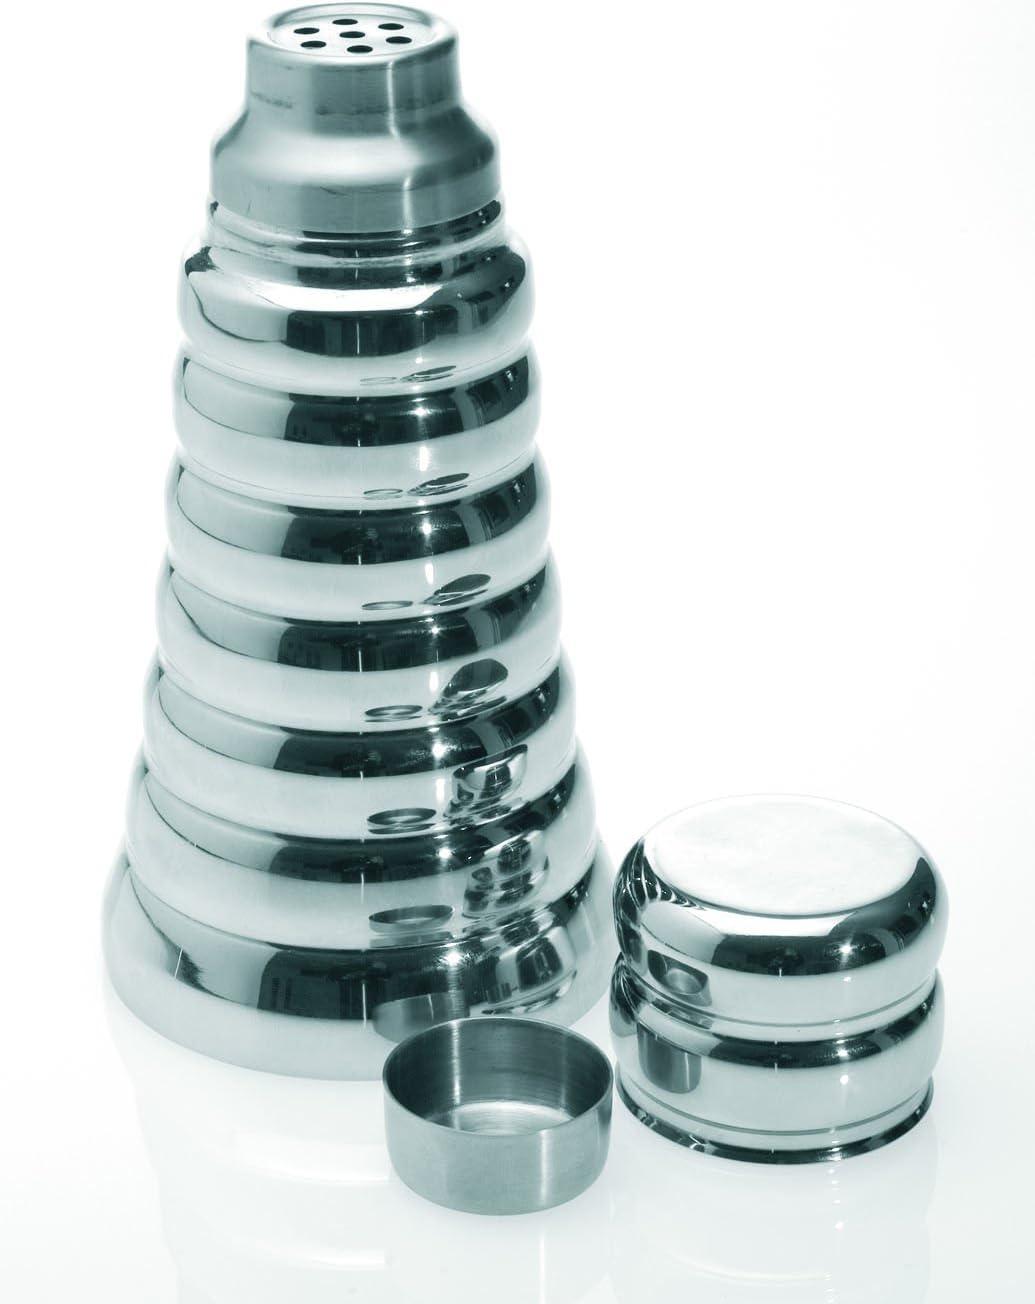 Evviva 1195 Shaker Unica Acciaio Argento